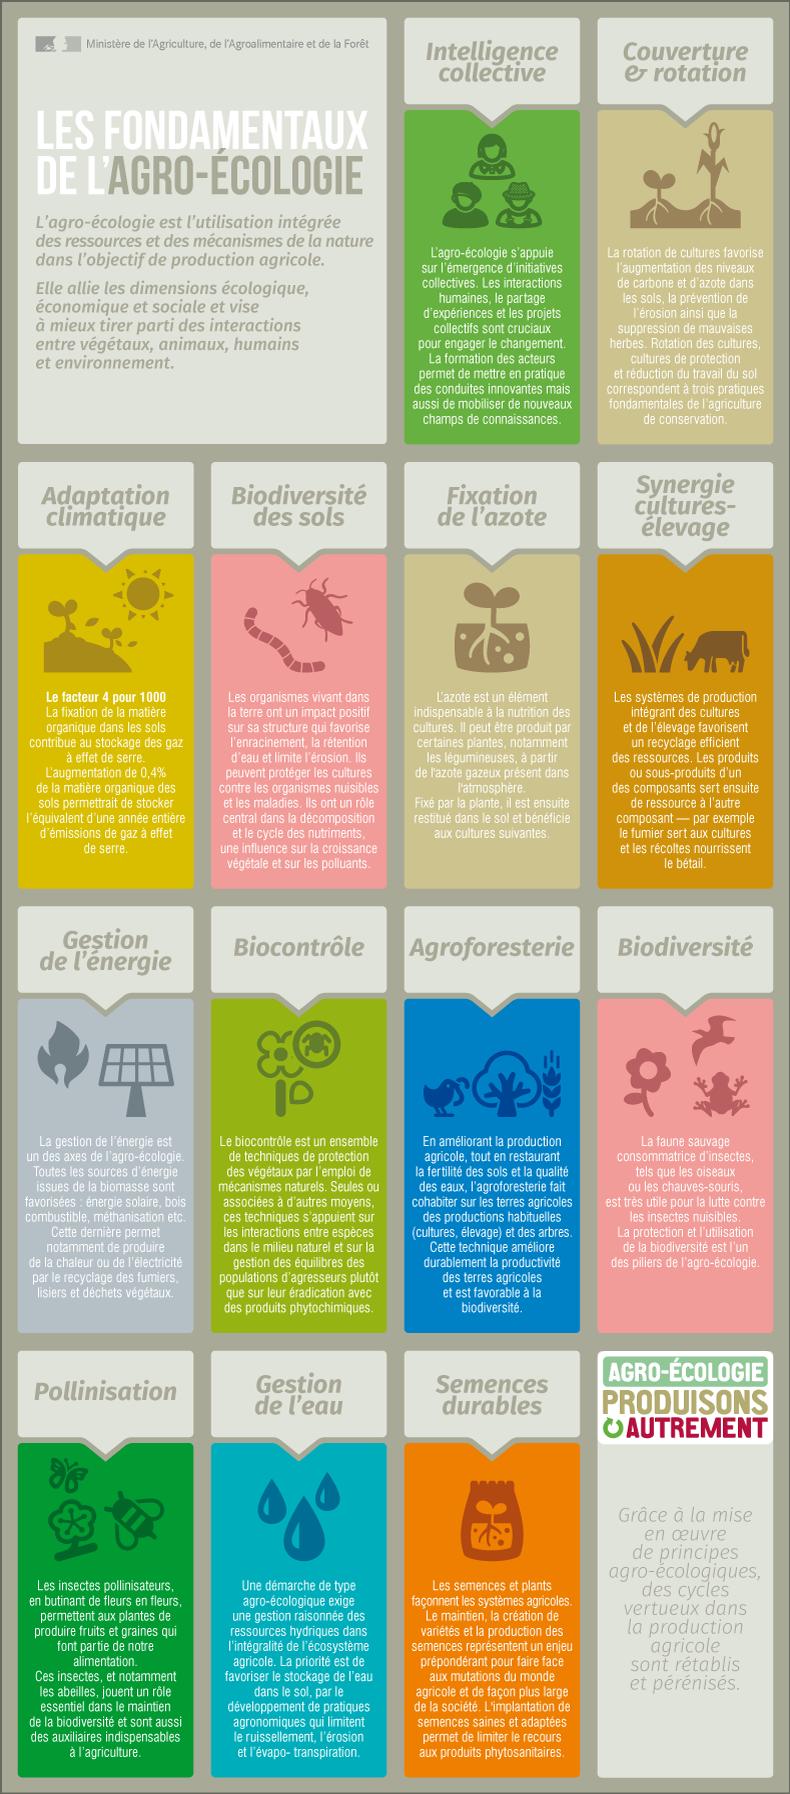 Les fondamentaux de l'agro-écologie